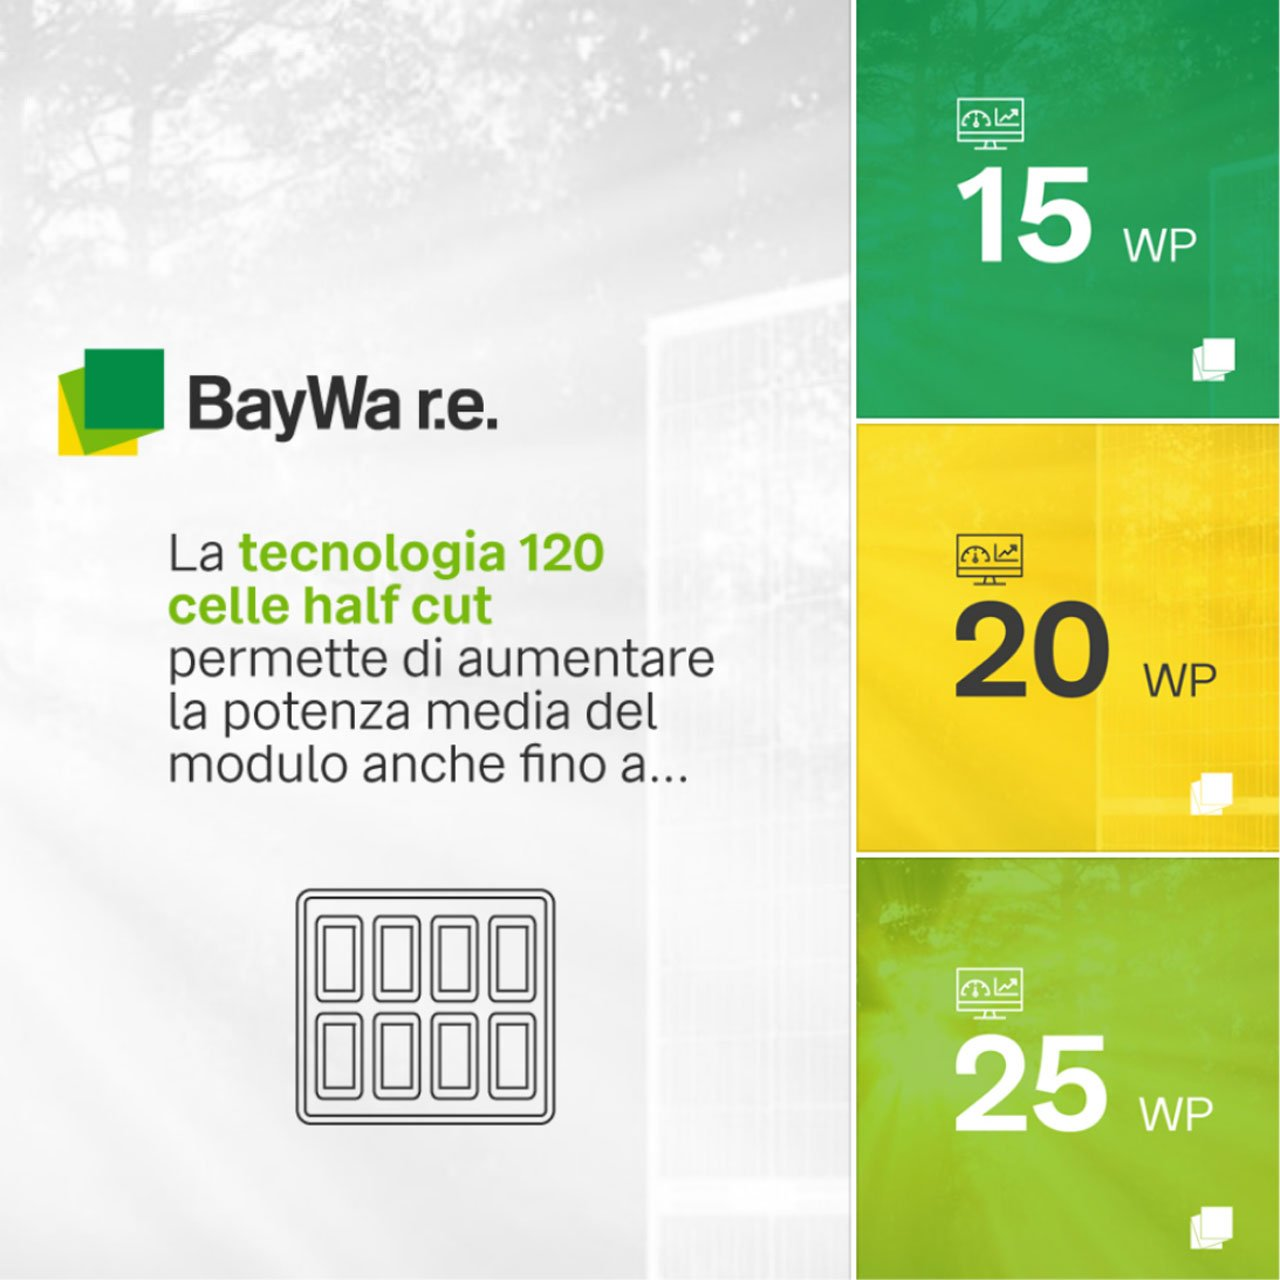 tecnologia-baywa-re